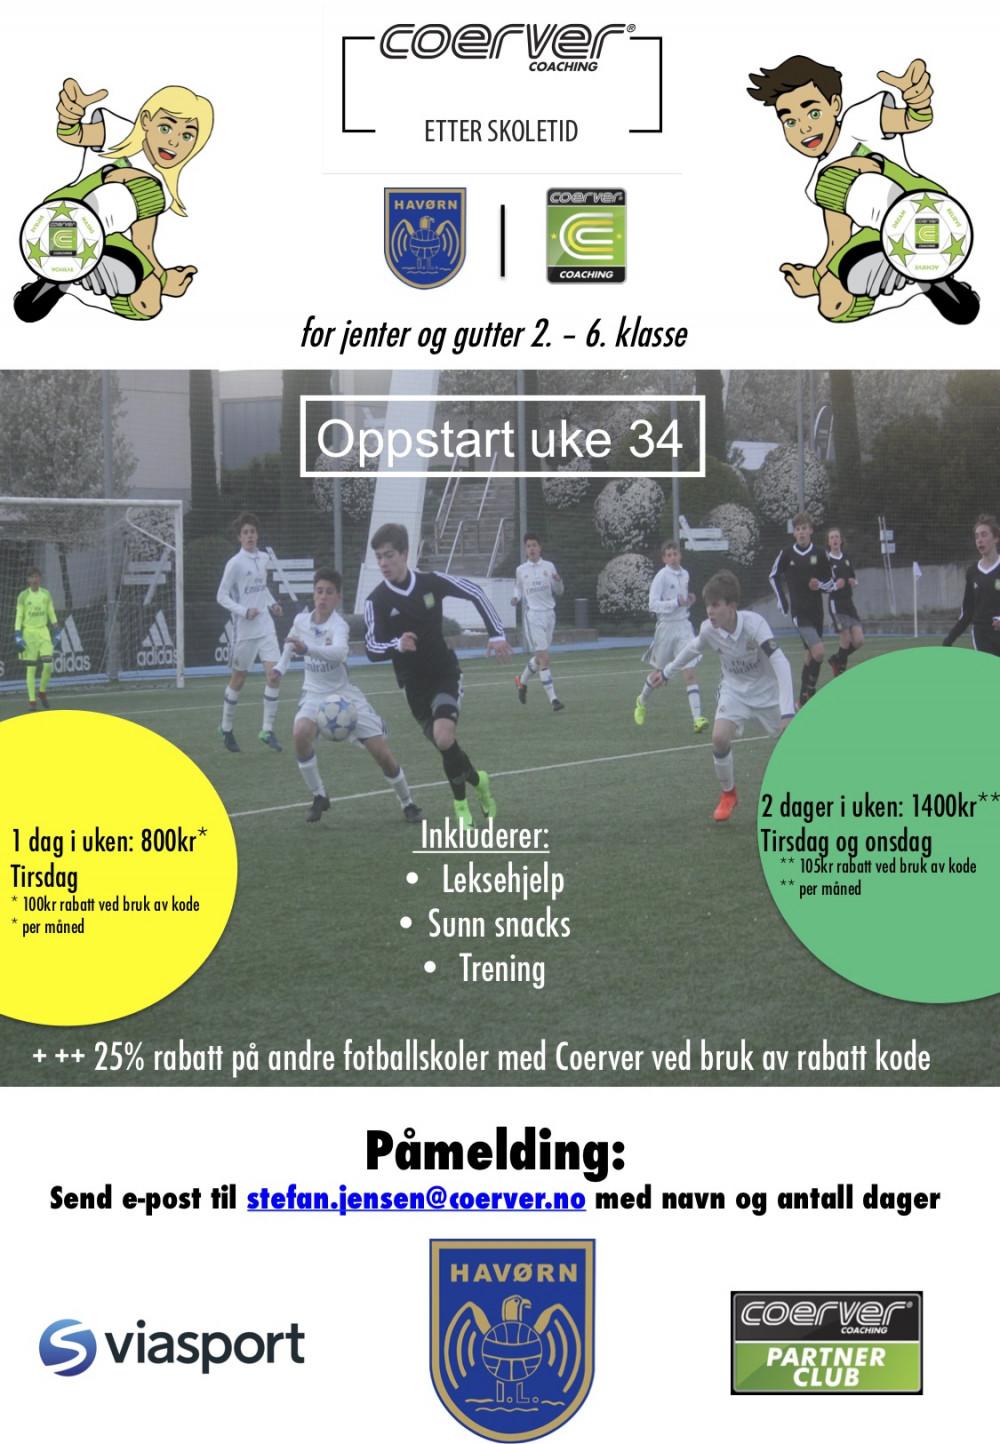 Fotball Etter Skoletid, Havørn høst - 1 dag